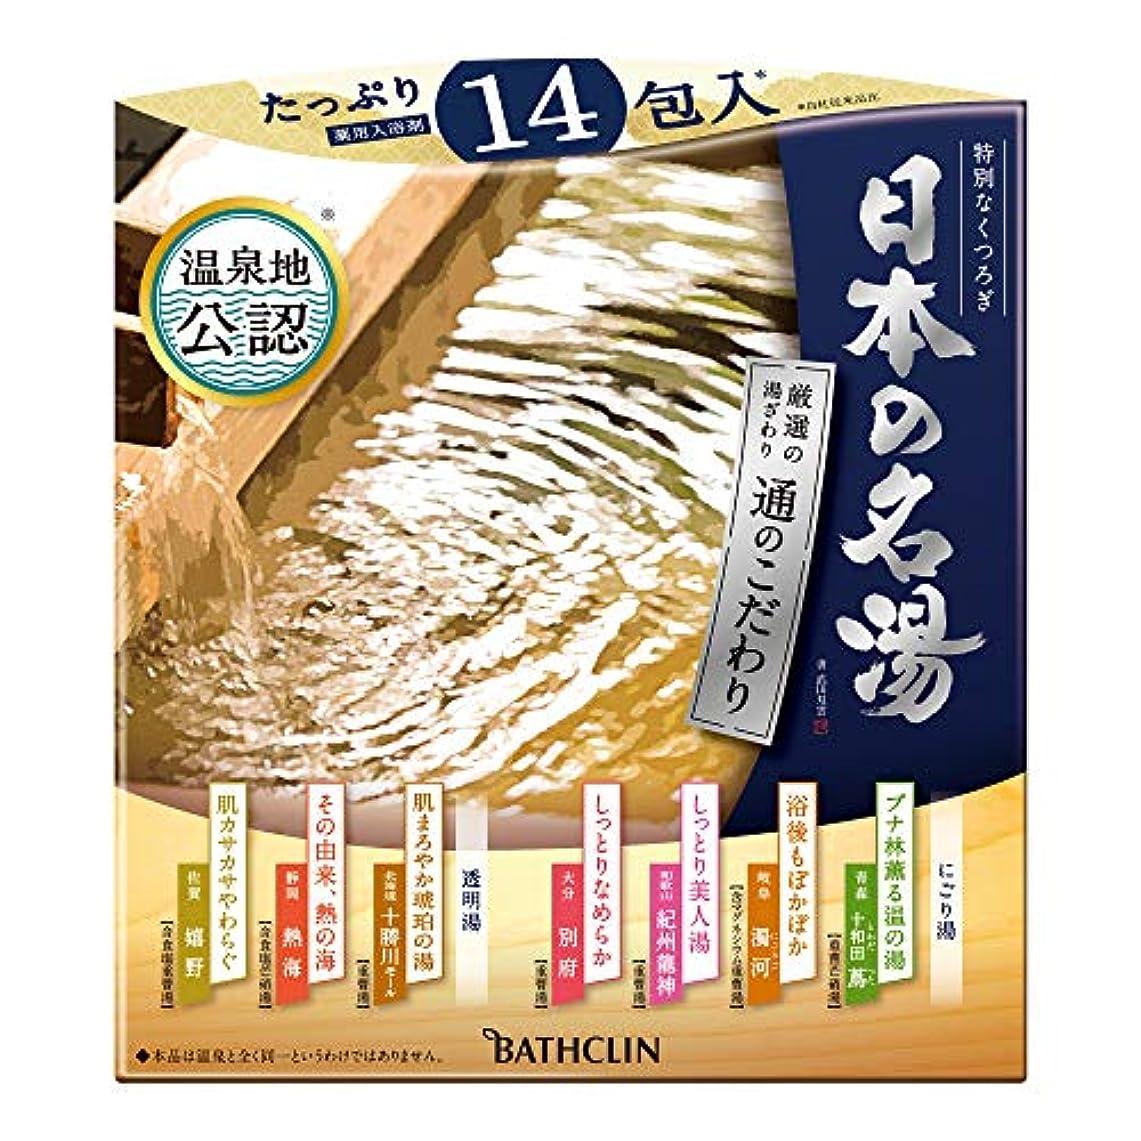 キネマティクス怒る暖かく【医薬部外品】バスクリン 日本の名湯 入浴剤 通のこだわり 30g×14包 個包装詰め合わせ 温泉タイプ